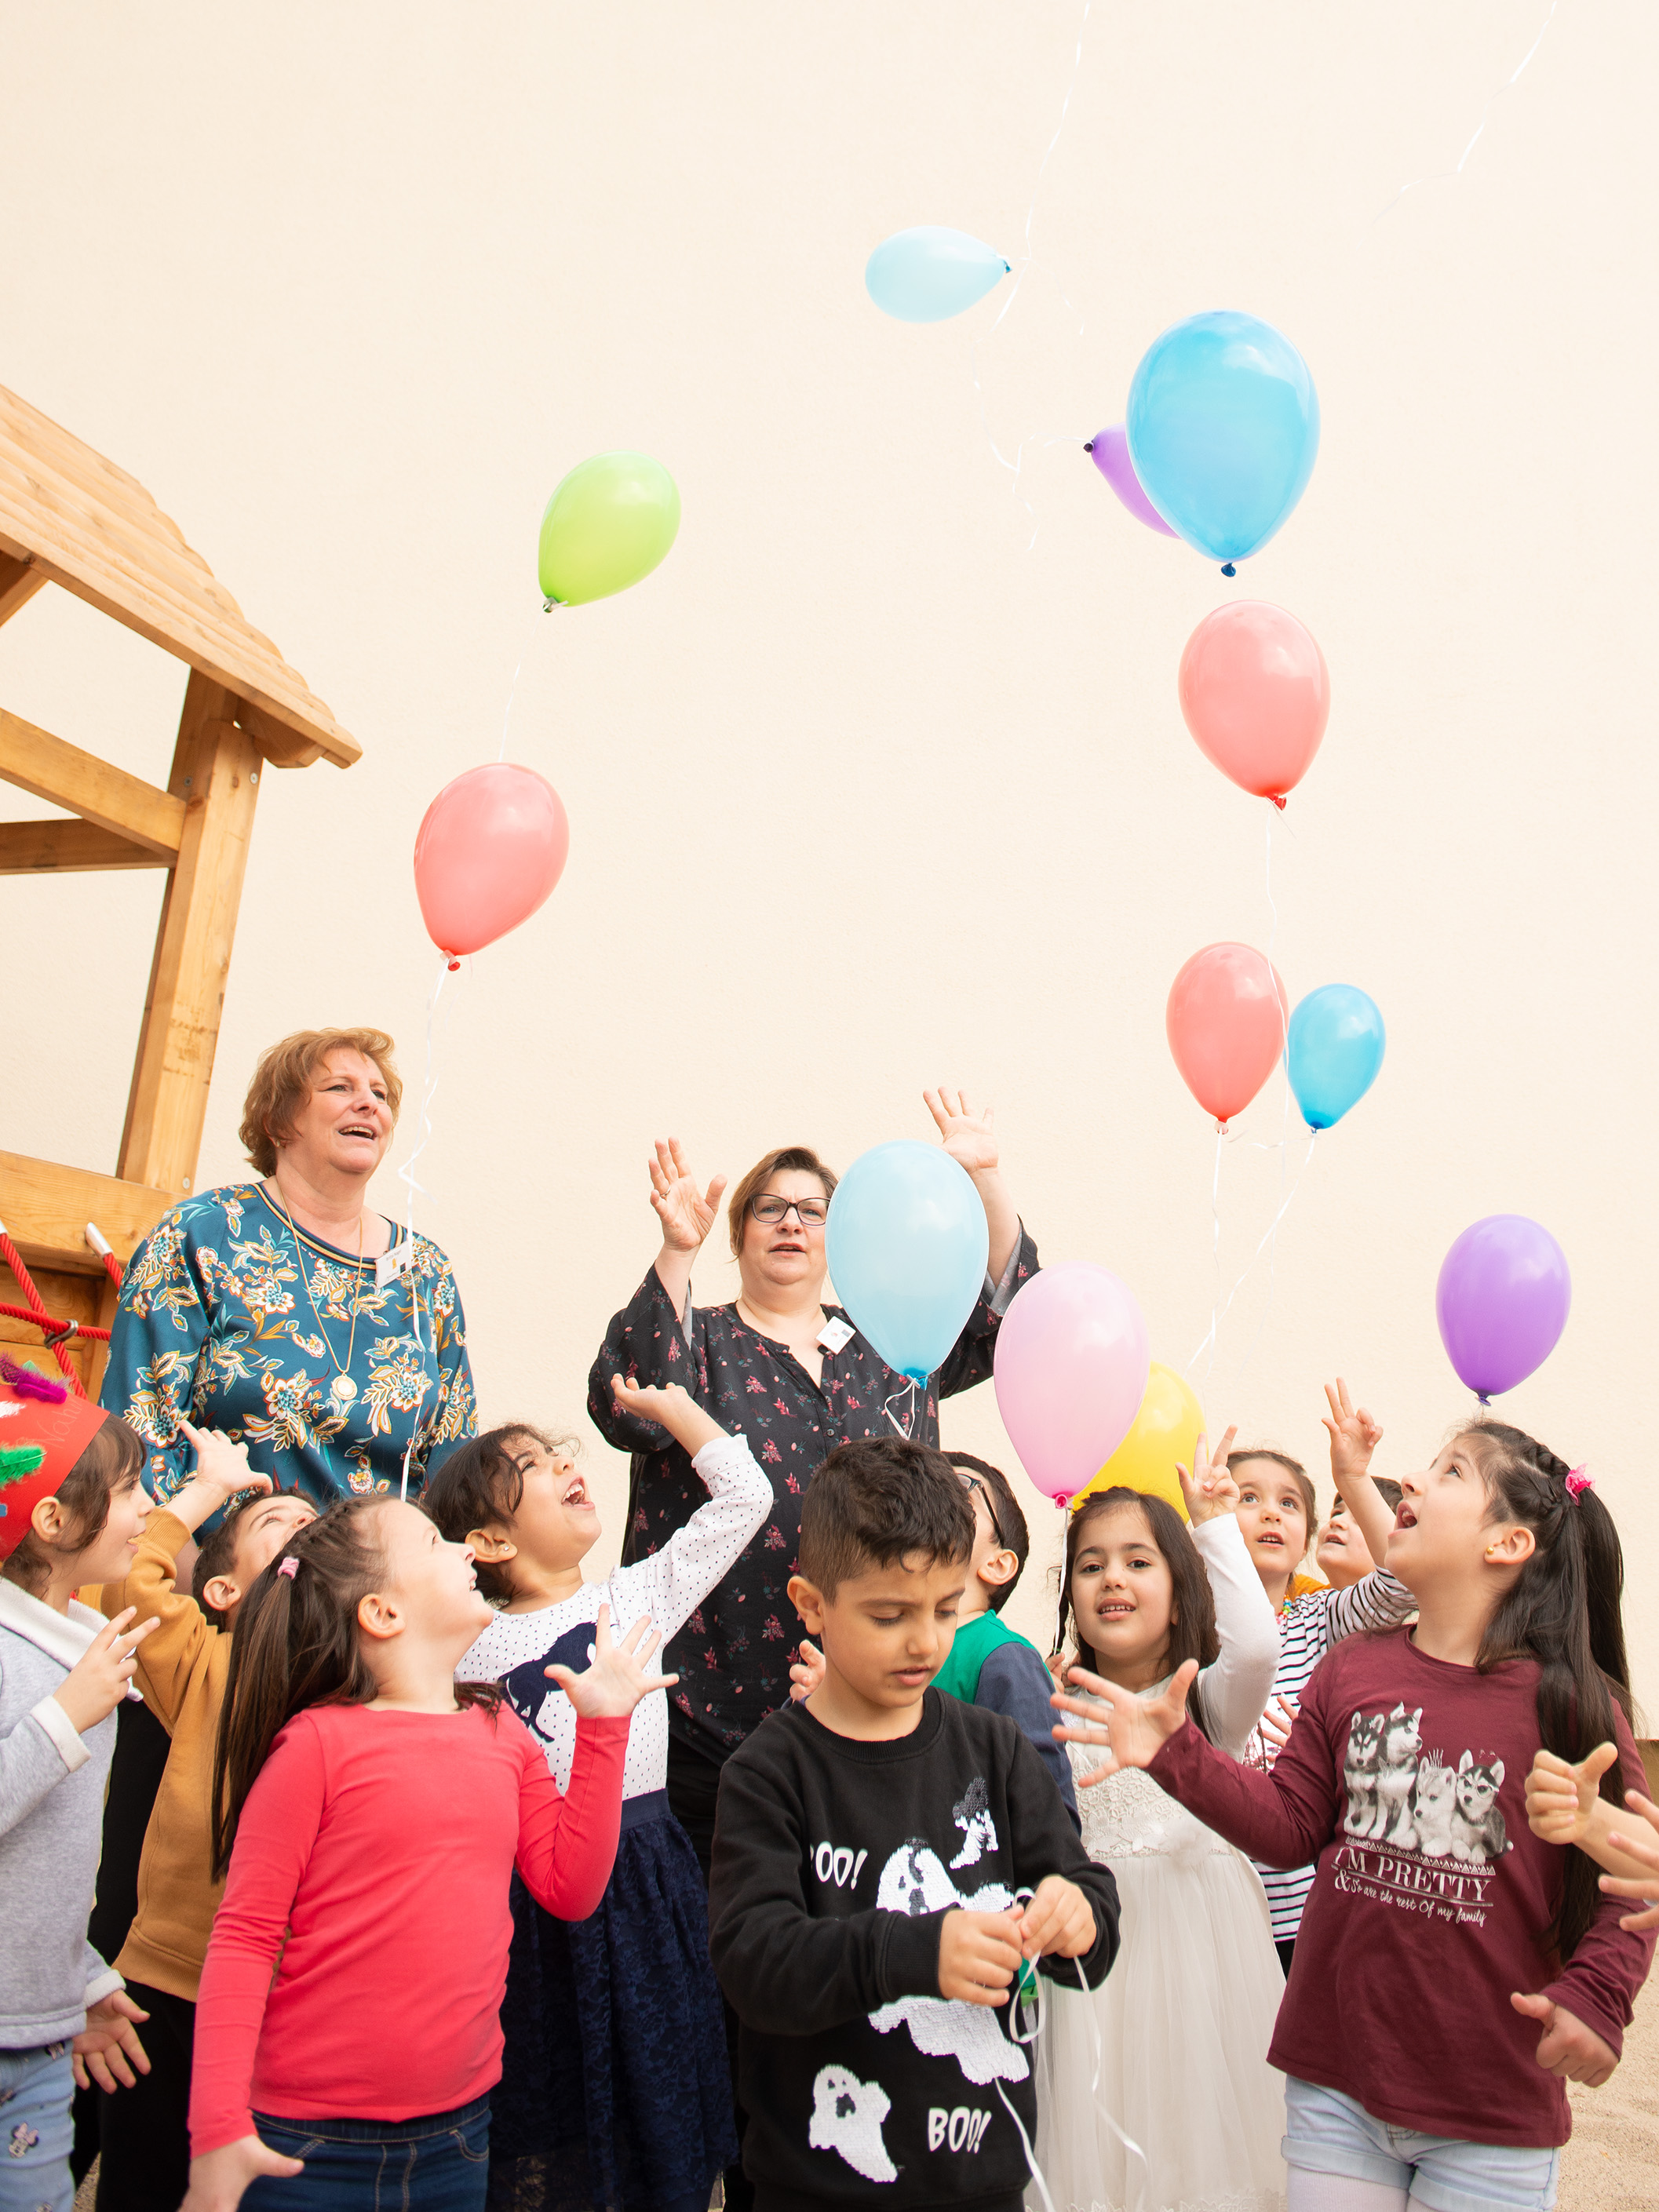 Foto: Die Kinder lassen zur Feier Luftballonssteigen.